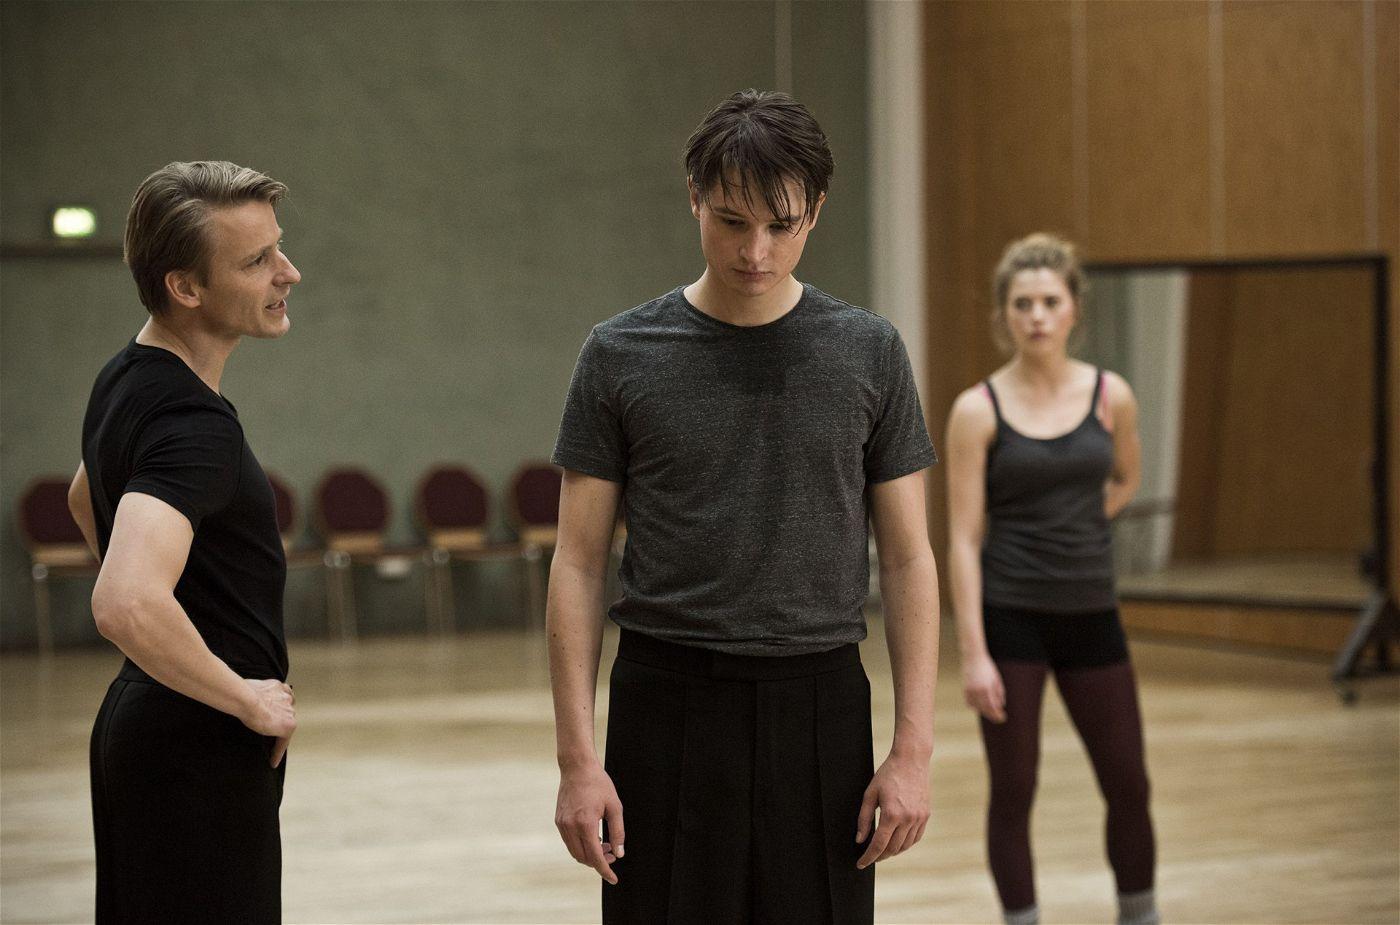 Zum Trauern bleibt aber keine Zeit: Ein wichtiger Wettkampf steht an und Tanztrainer Andreas Roth (Max von Pufendorf, l) fordert volle Konzentration von seinen Tänzern.